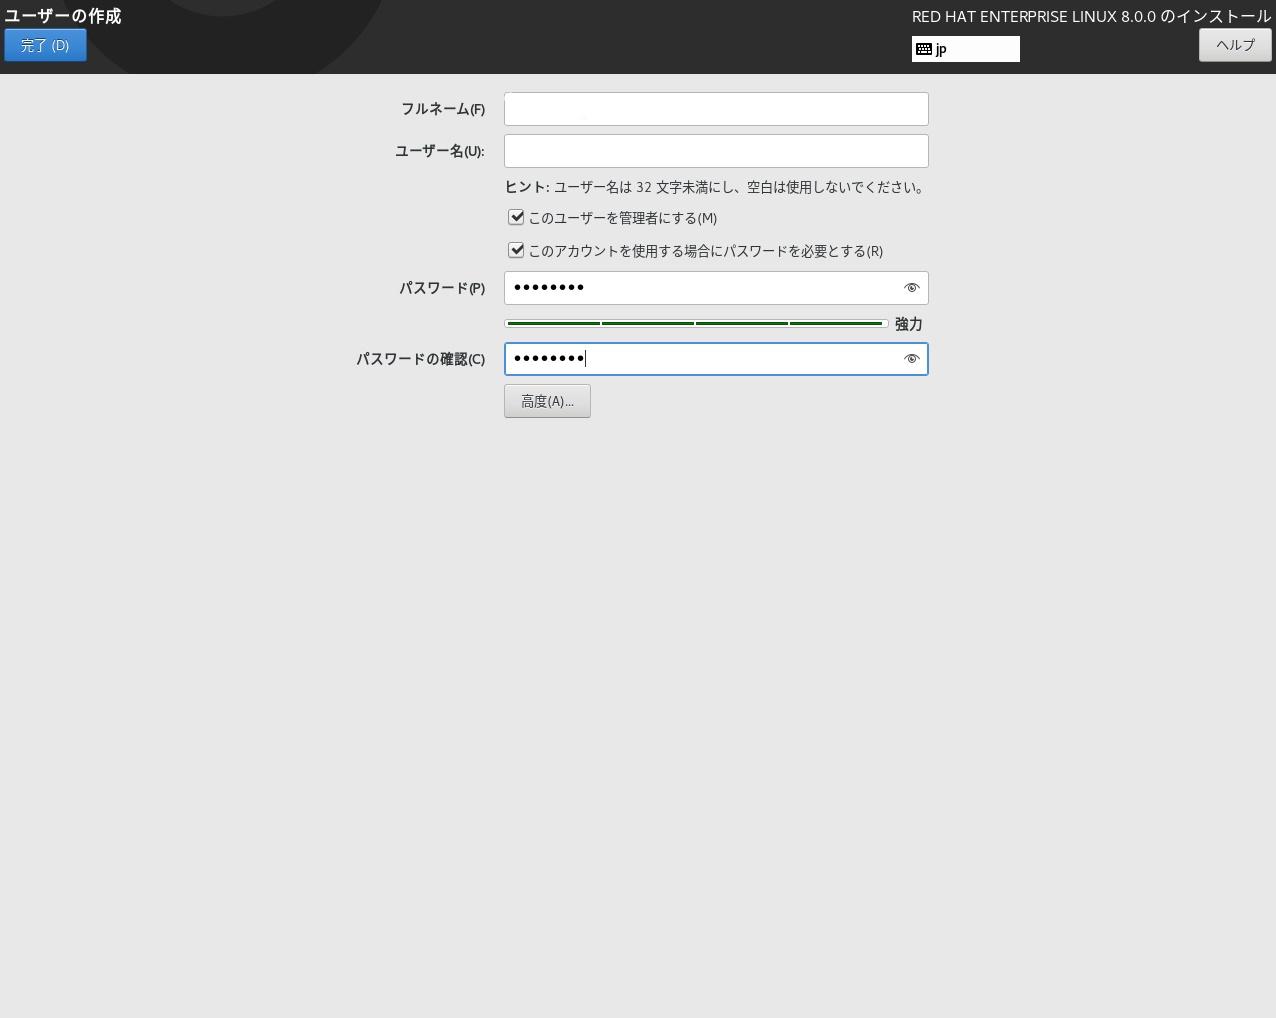 Inkedrhel8_install-25_LI